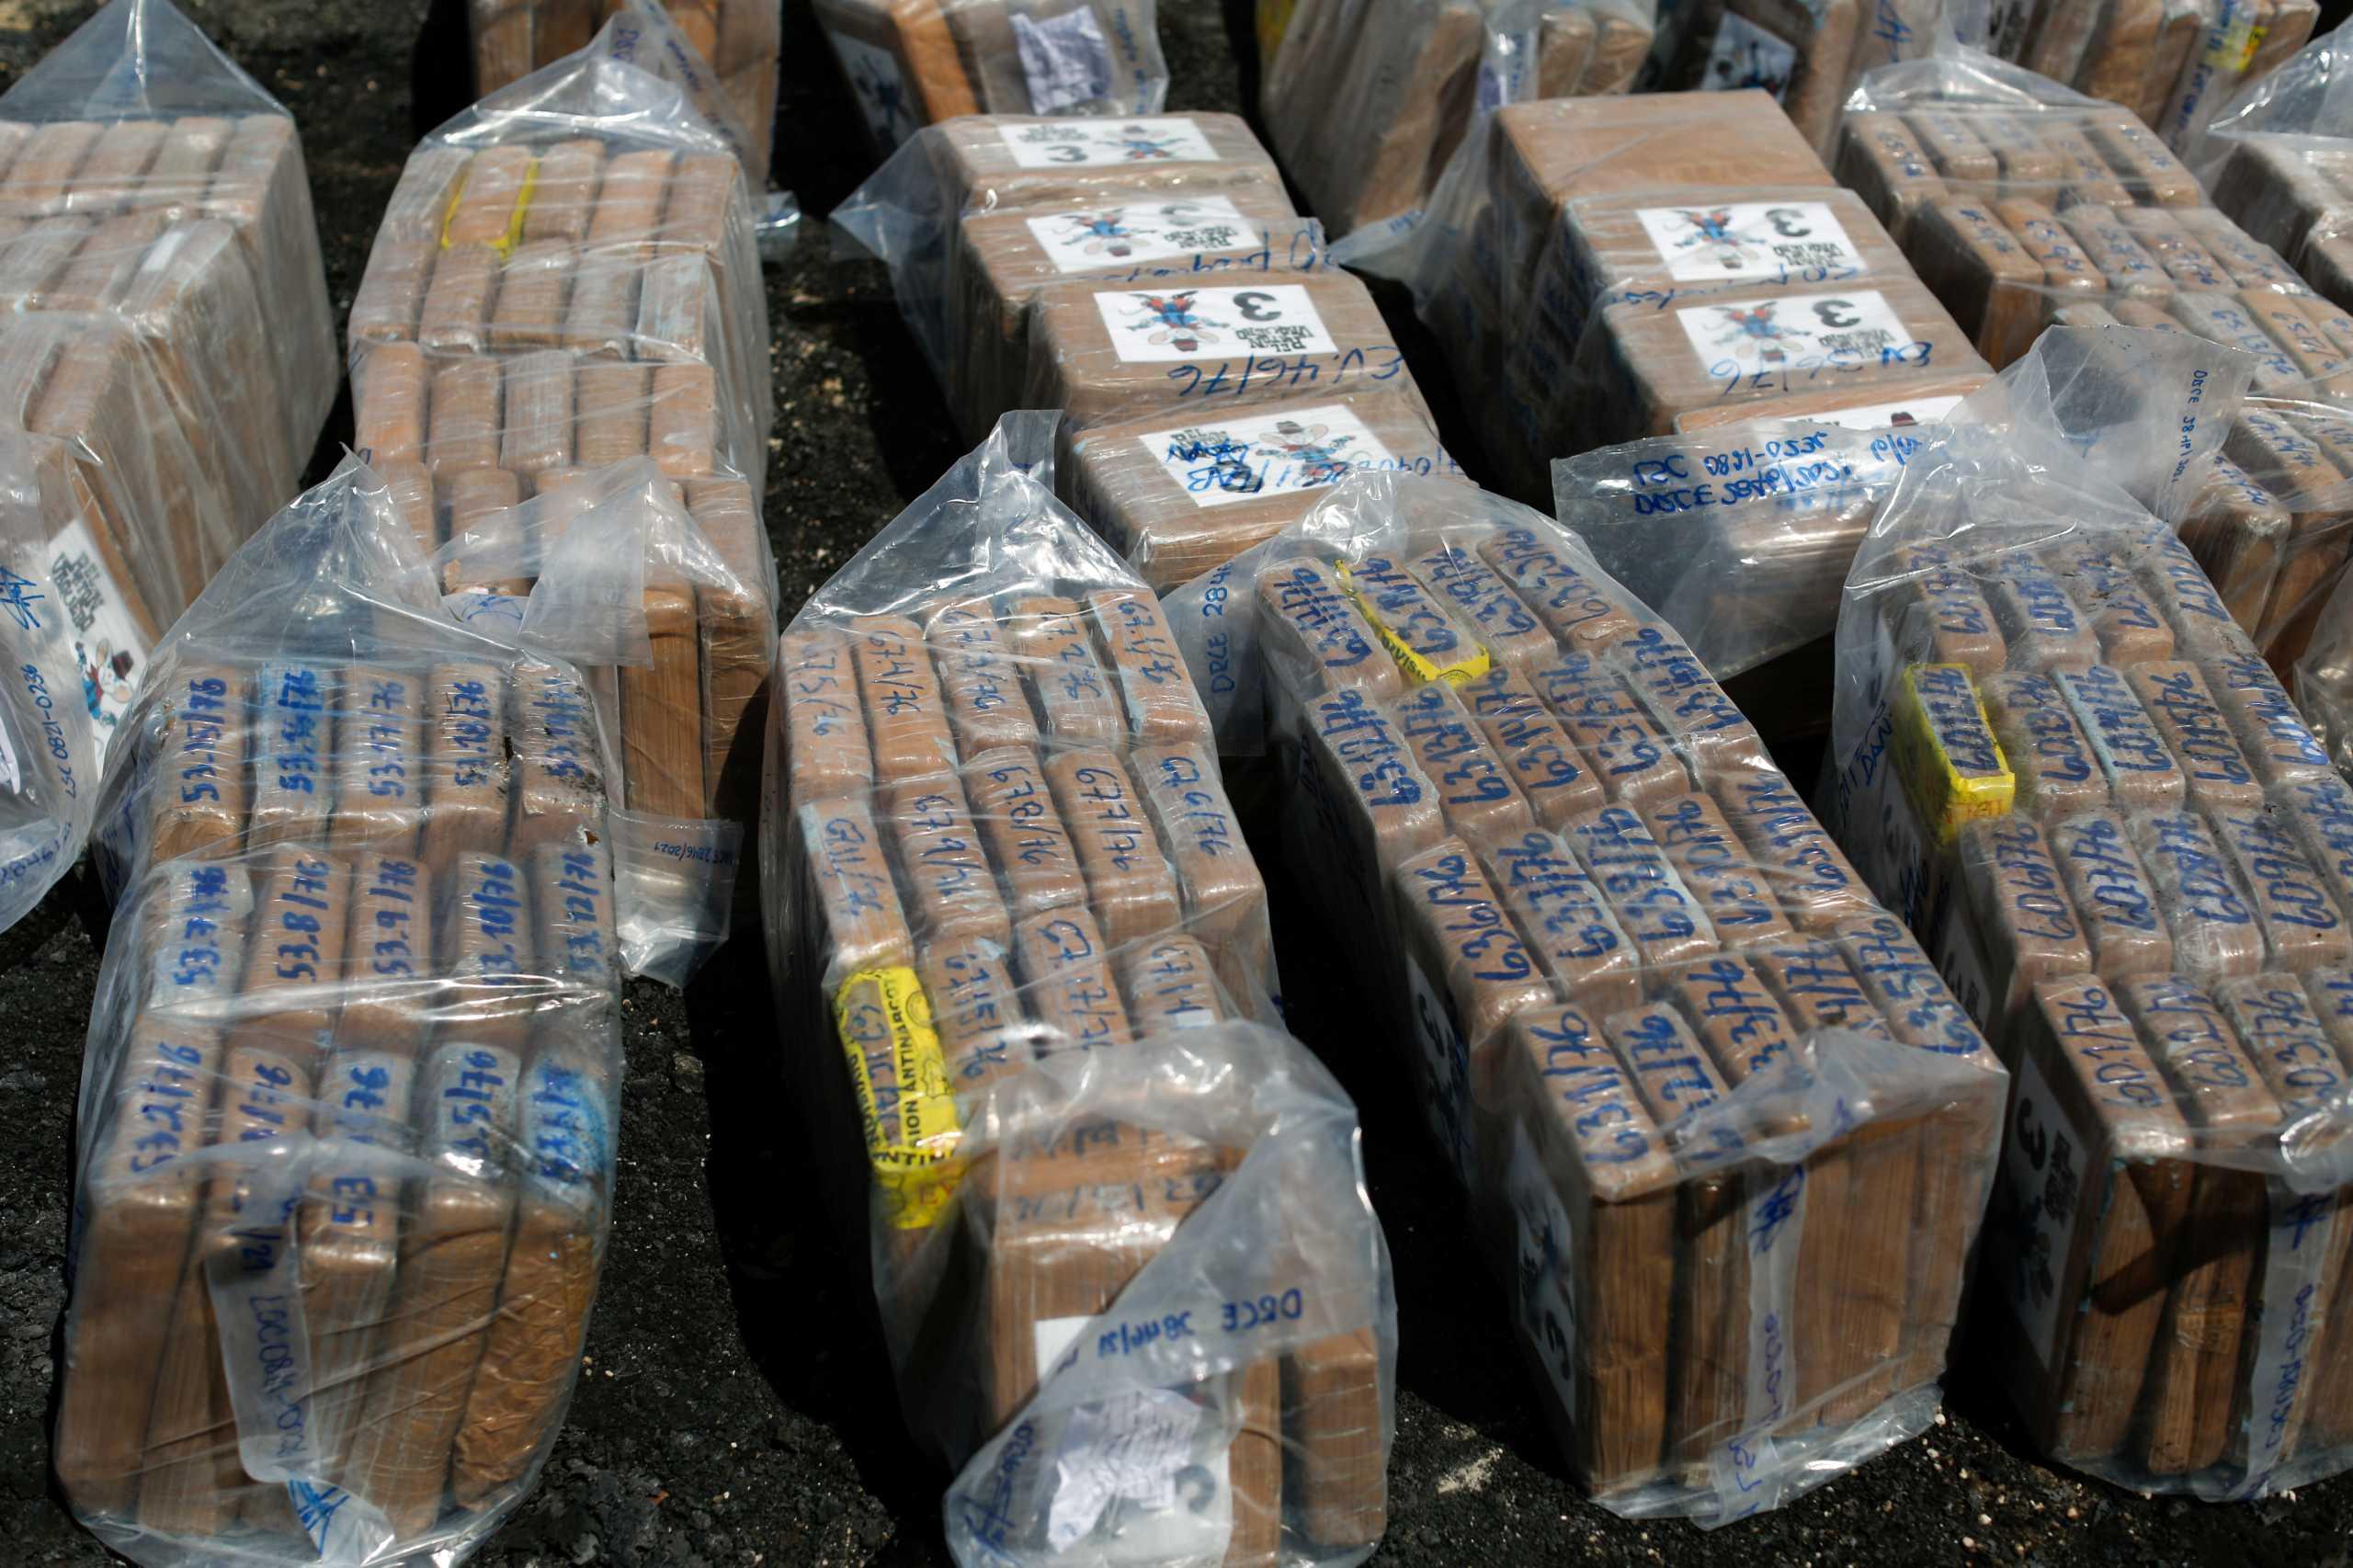 Ισημερινός: Κατασχέθηκαν 9,6 τόνοι κοκαΐνη από την Κολομβία